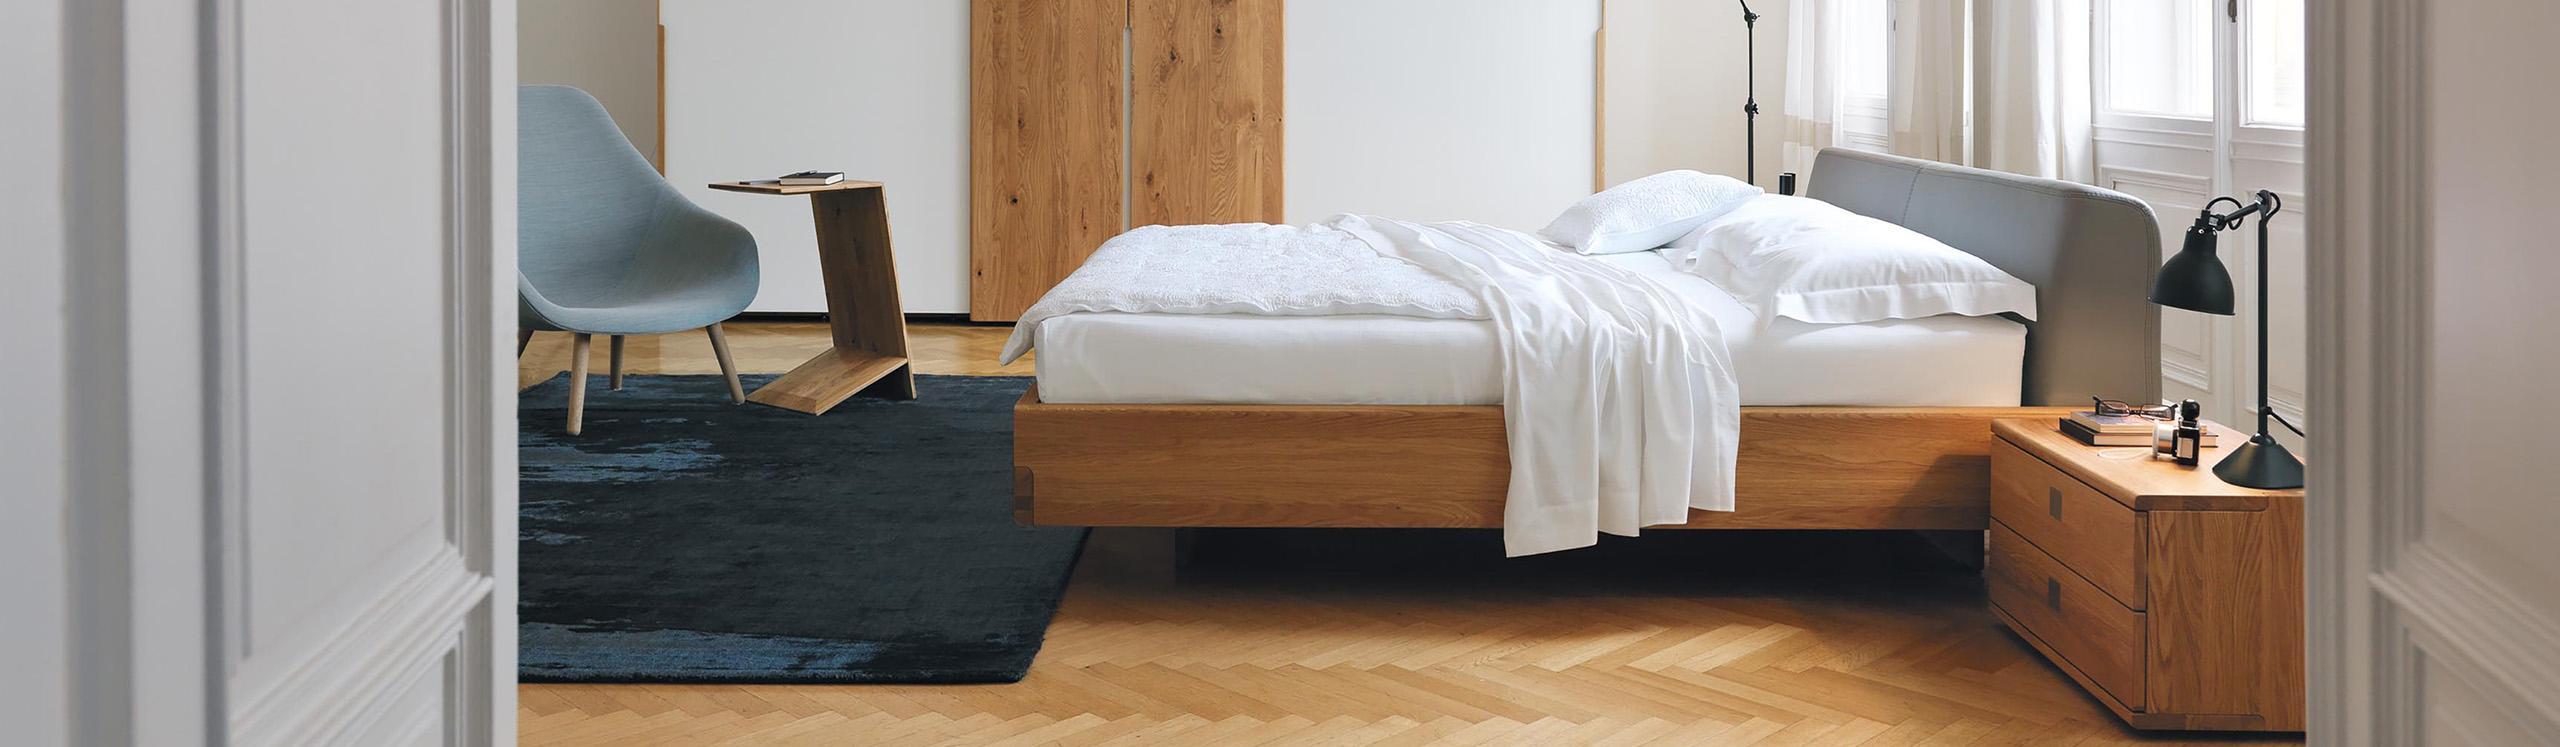 Full Size of Team 7 Betten Preise Abverkauf Riletto Gebraucht Berlin Kaufen Preisliste Float Erfahrungen Mit Bettkasten Amazon Massivholz Schöne Für übergewichtige Ikea Bett Team 7 Betten